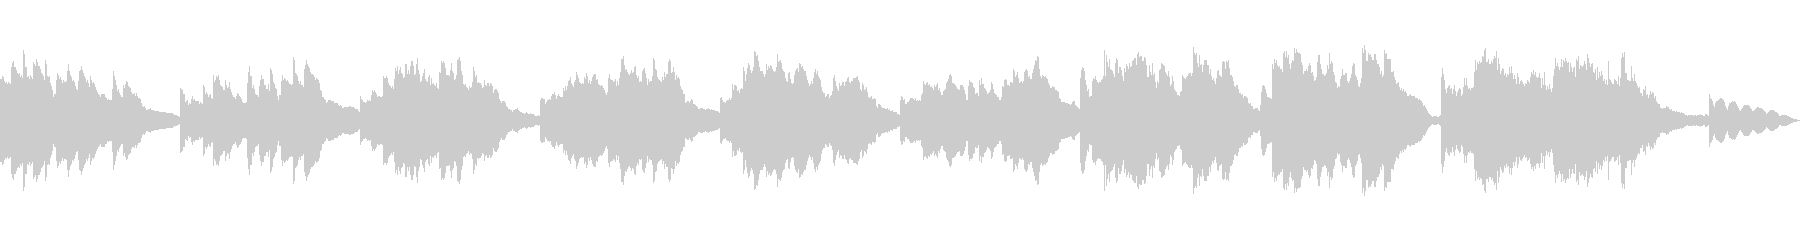 ソフトで優雅なピアノオスチナートの未再生の波形